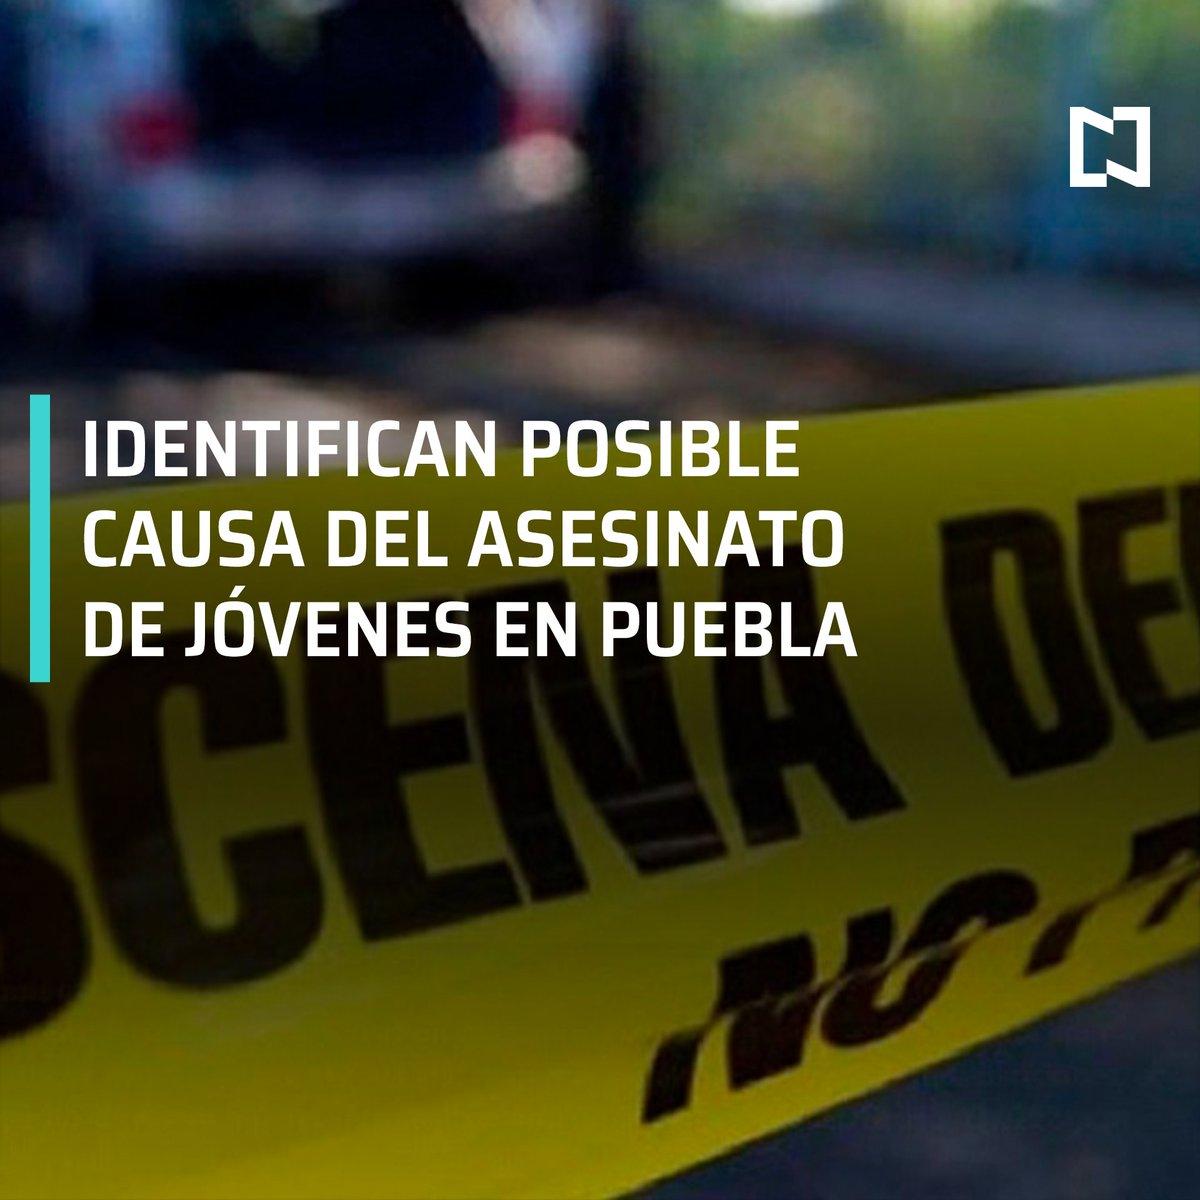 Gobierno de Puebla confirma la detención de tres personas que podrían estar relacionadas con el multihomicidio de 4 jóvenes. Entrevista a @DavidMendezPue.  #Despierta con @daniellemx_ y @campossuarez